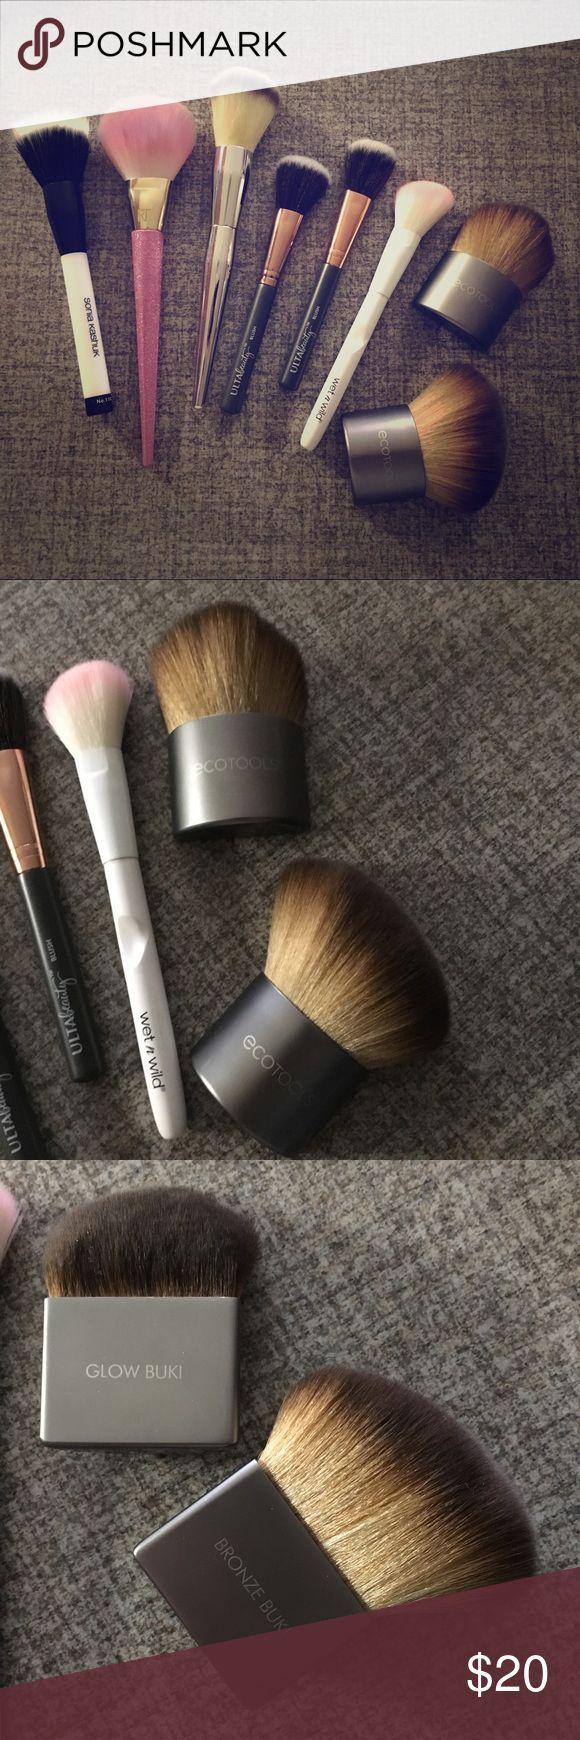 #brushes #bundle #diesem #echte #enthalten #makeup